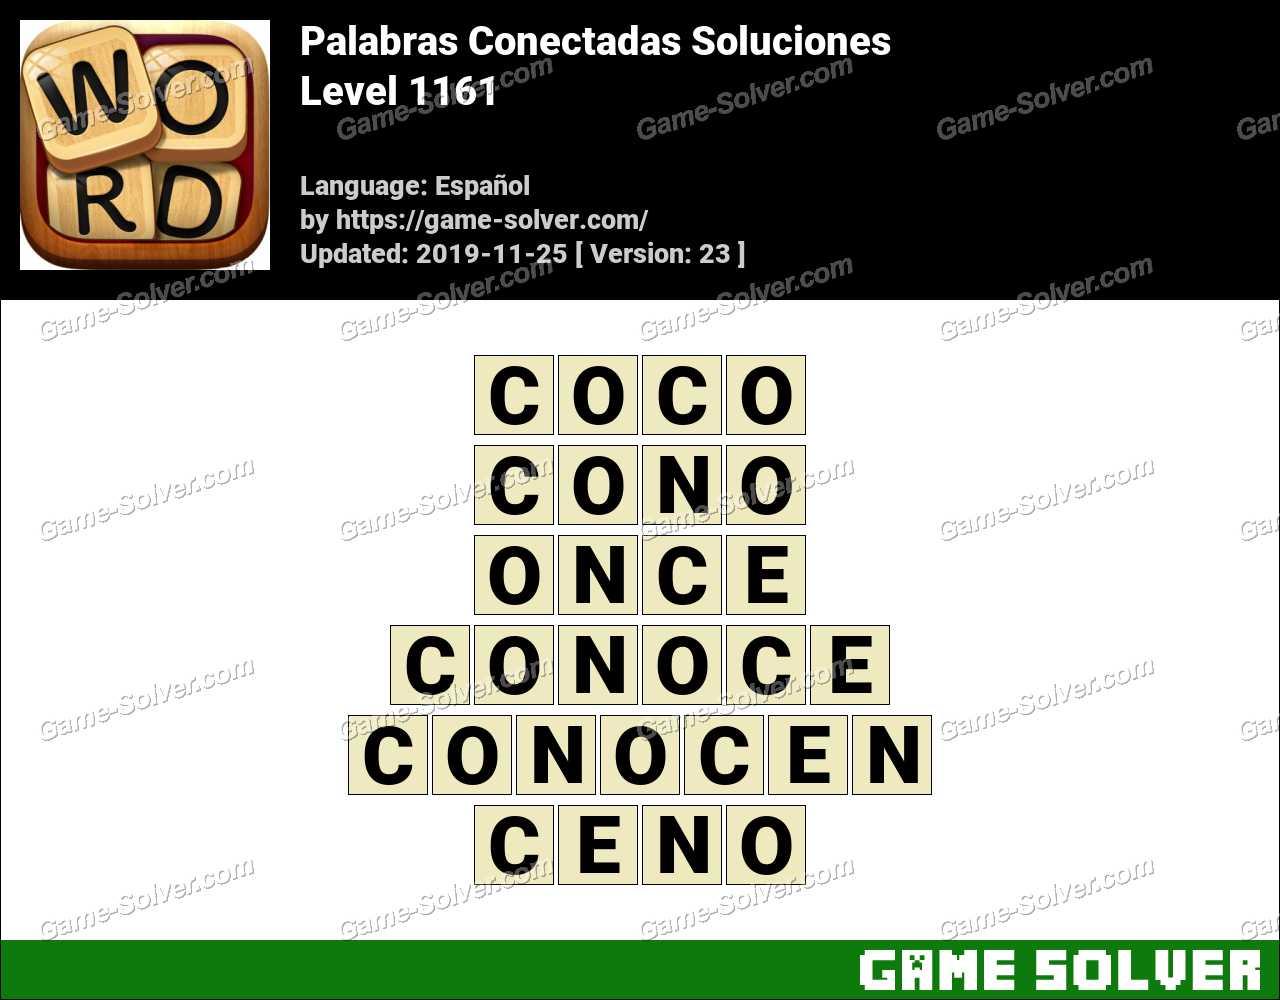 Palabras Conectadas Nivel 1161 Soluciones